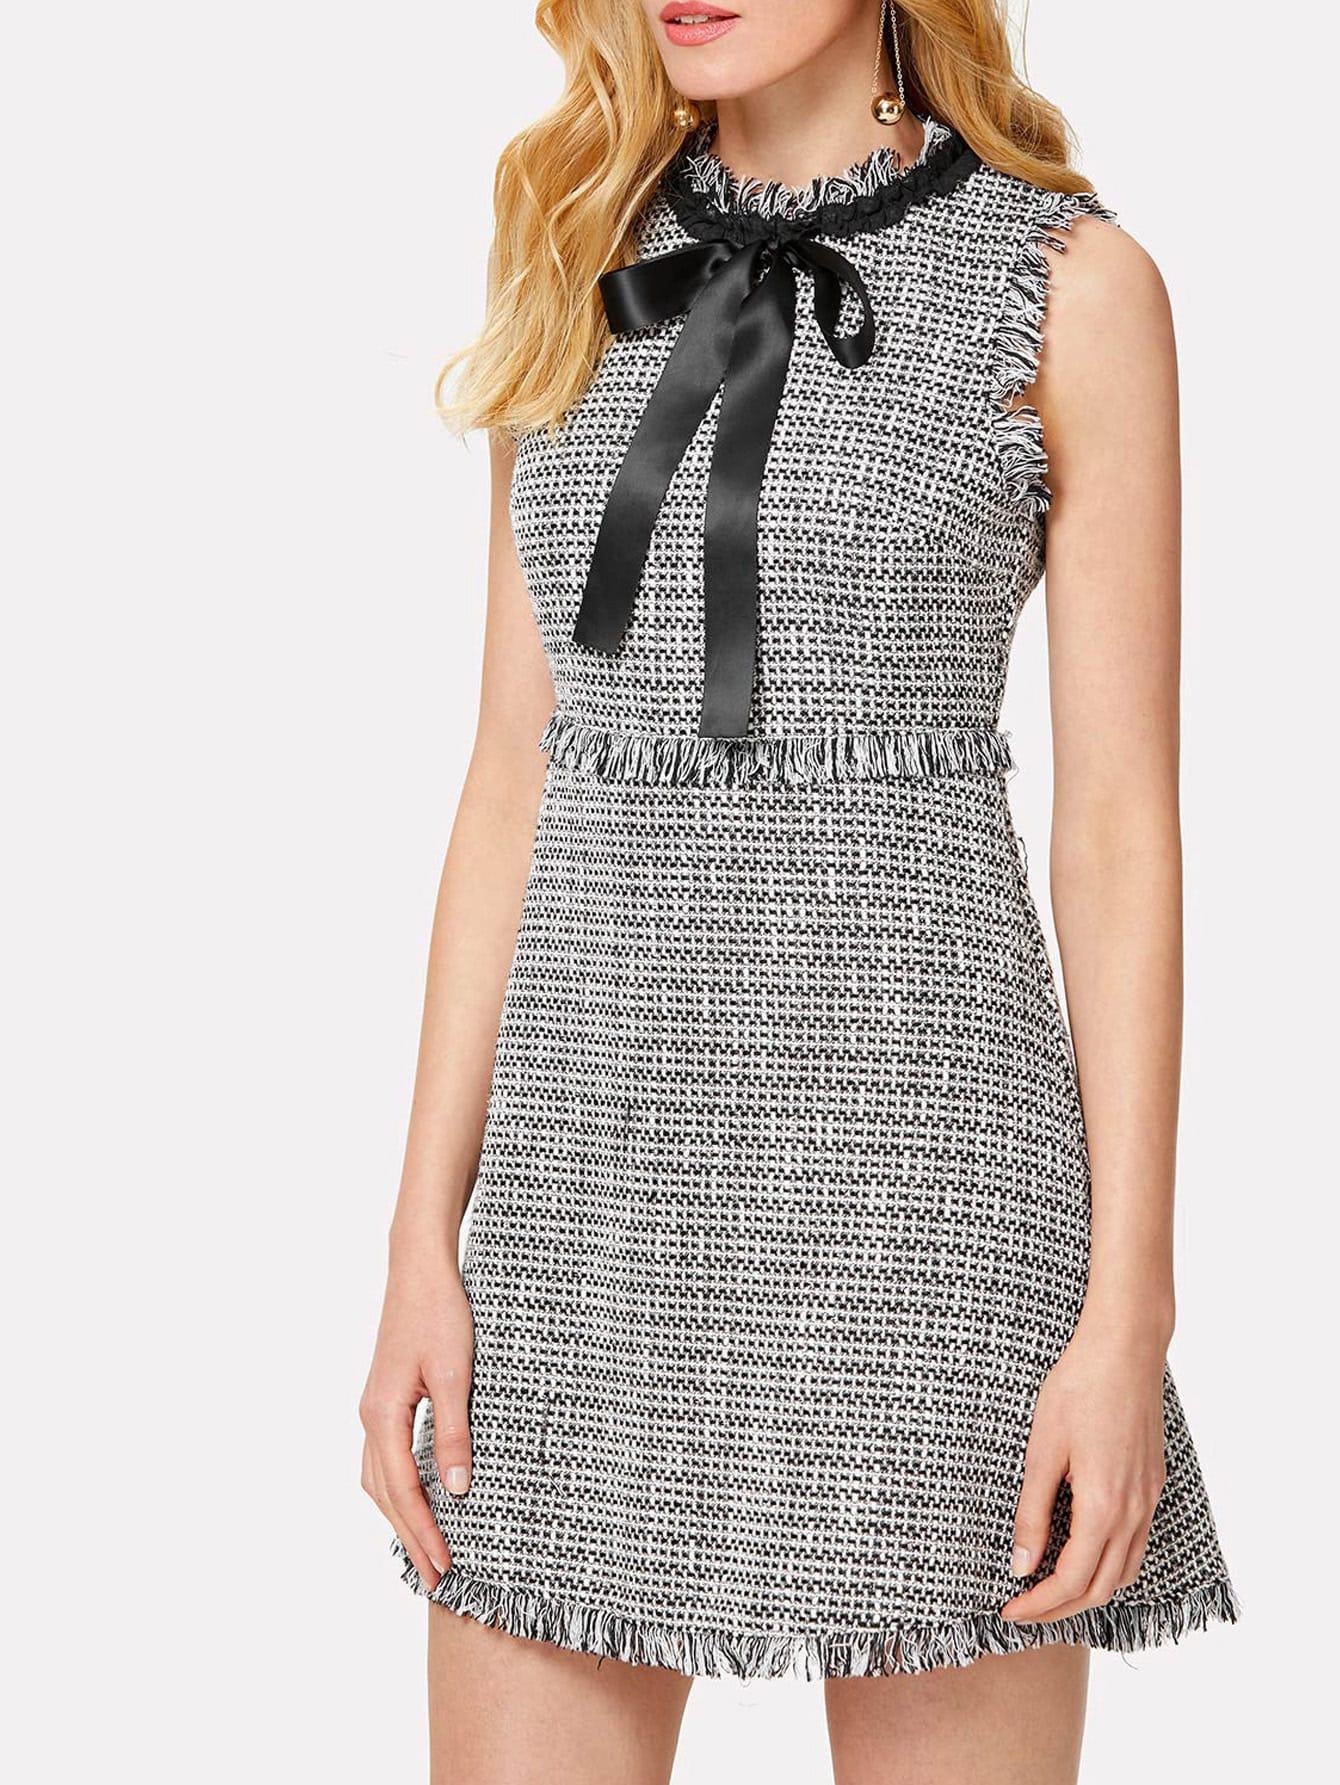 Tie Neck Fringe Detail Tweed Dress lace trim fringe detail tweed top